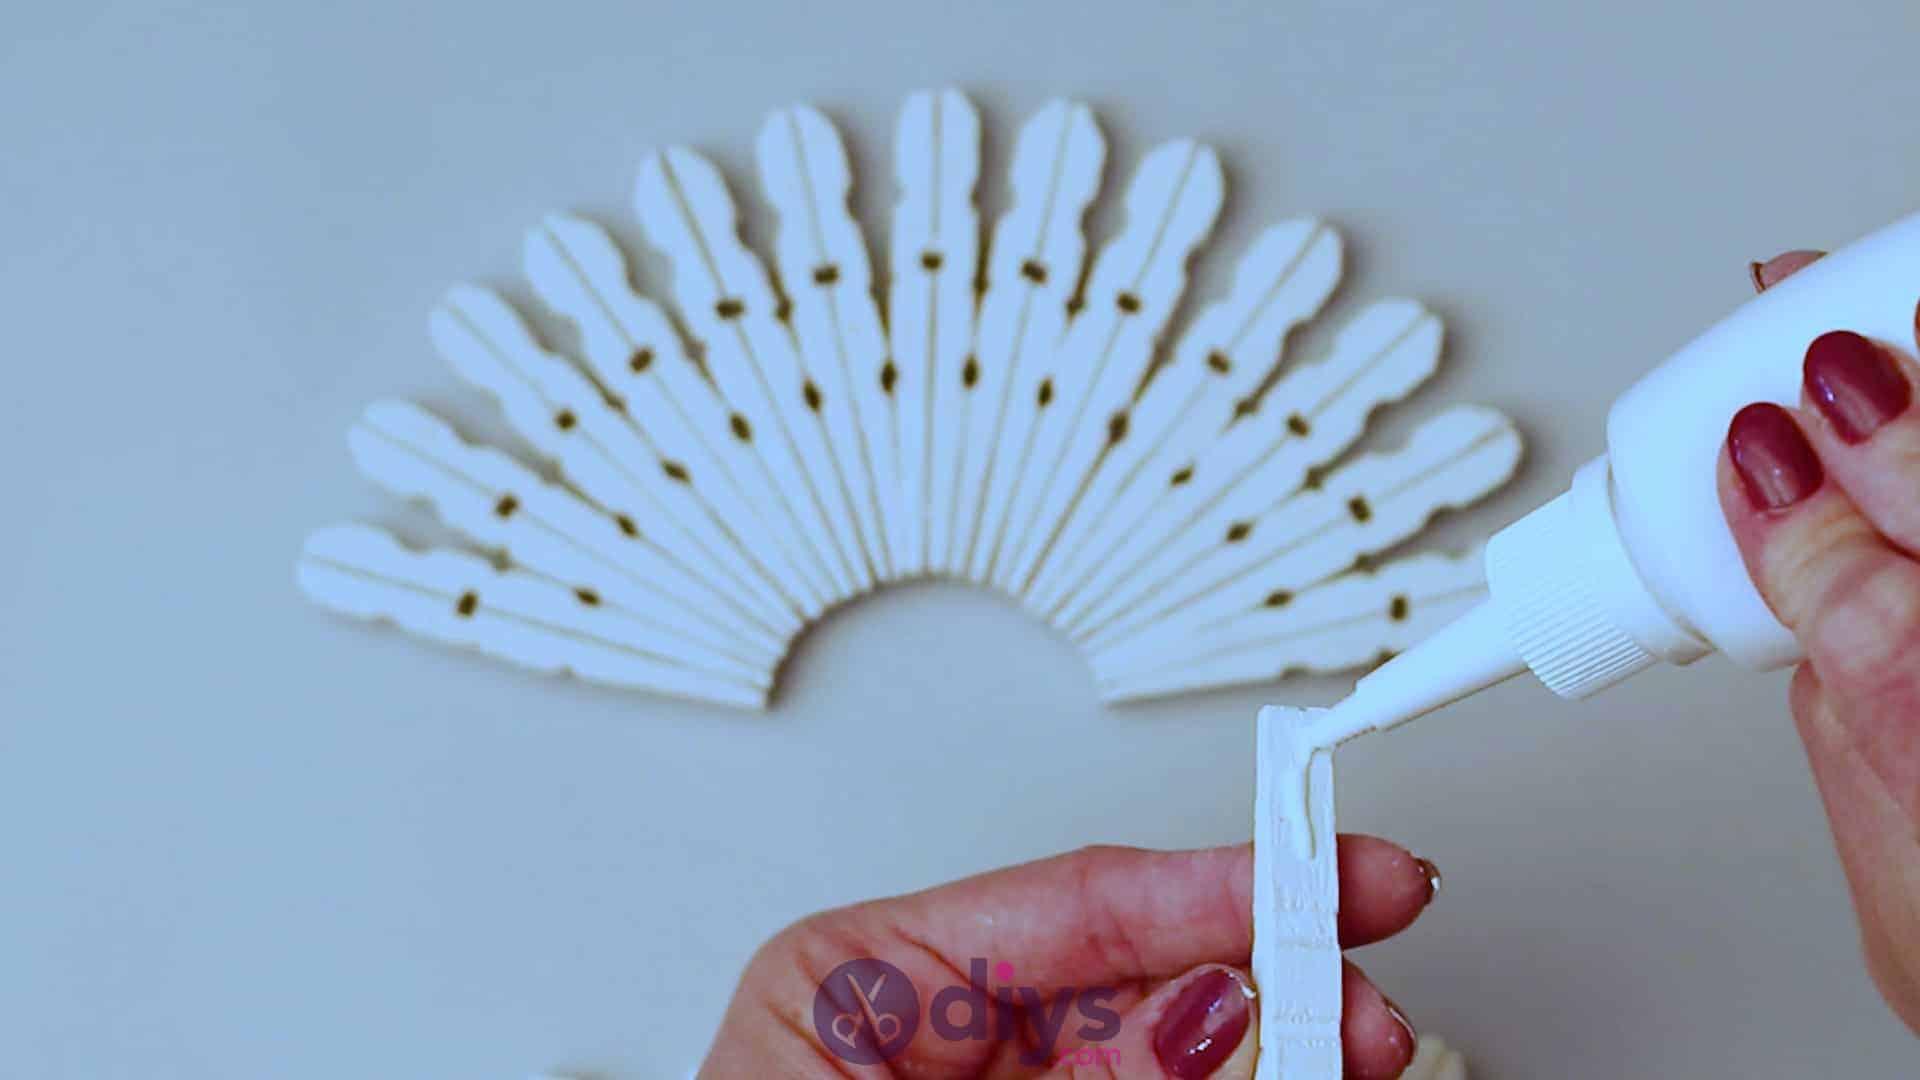 Diy clothespin napkin holder step 5e